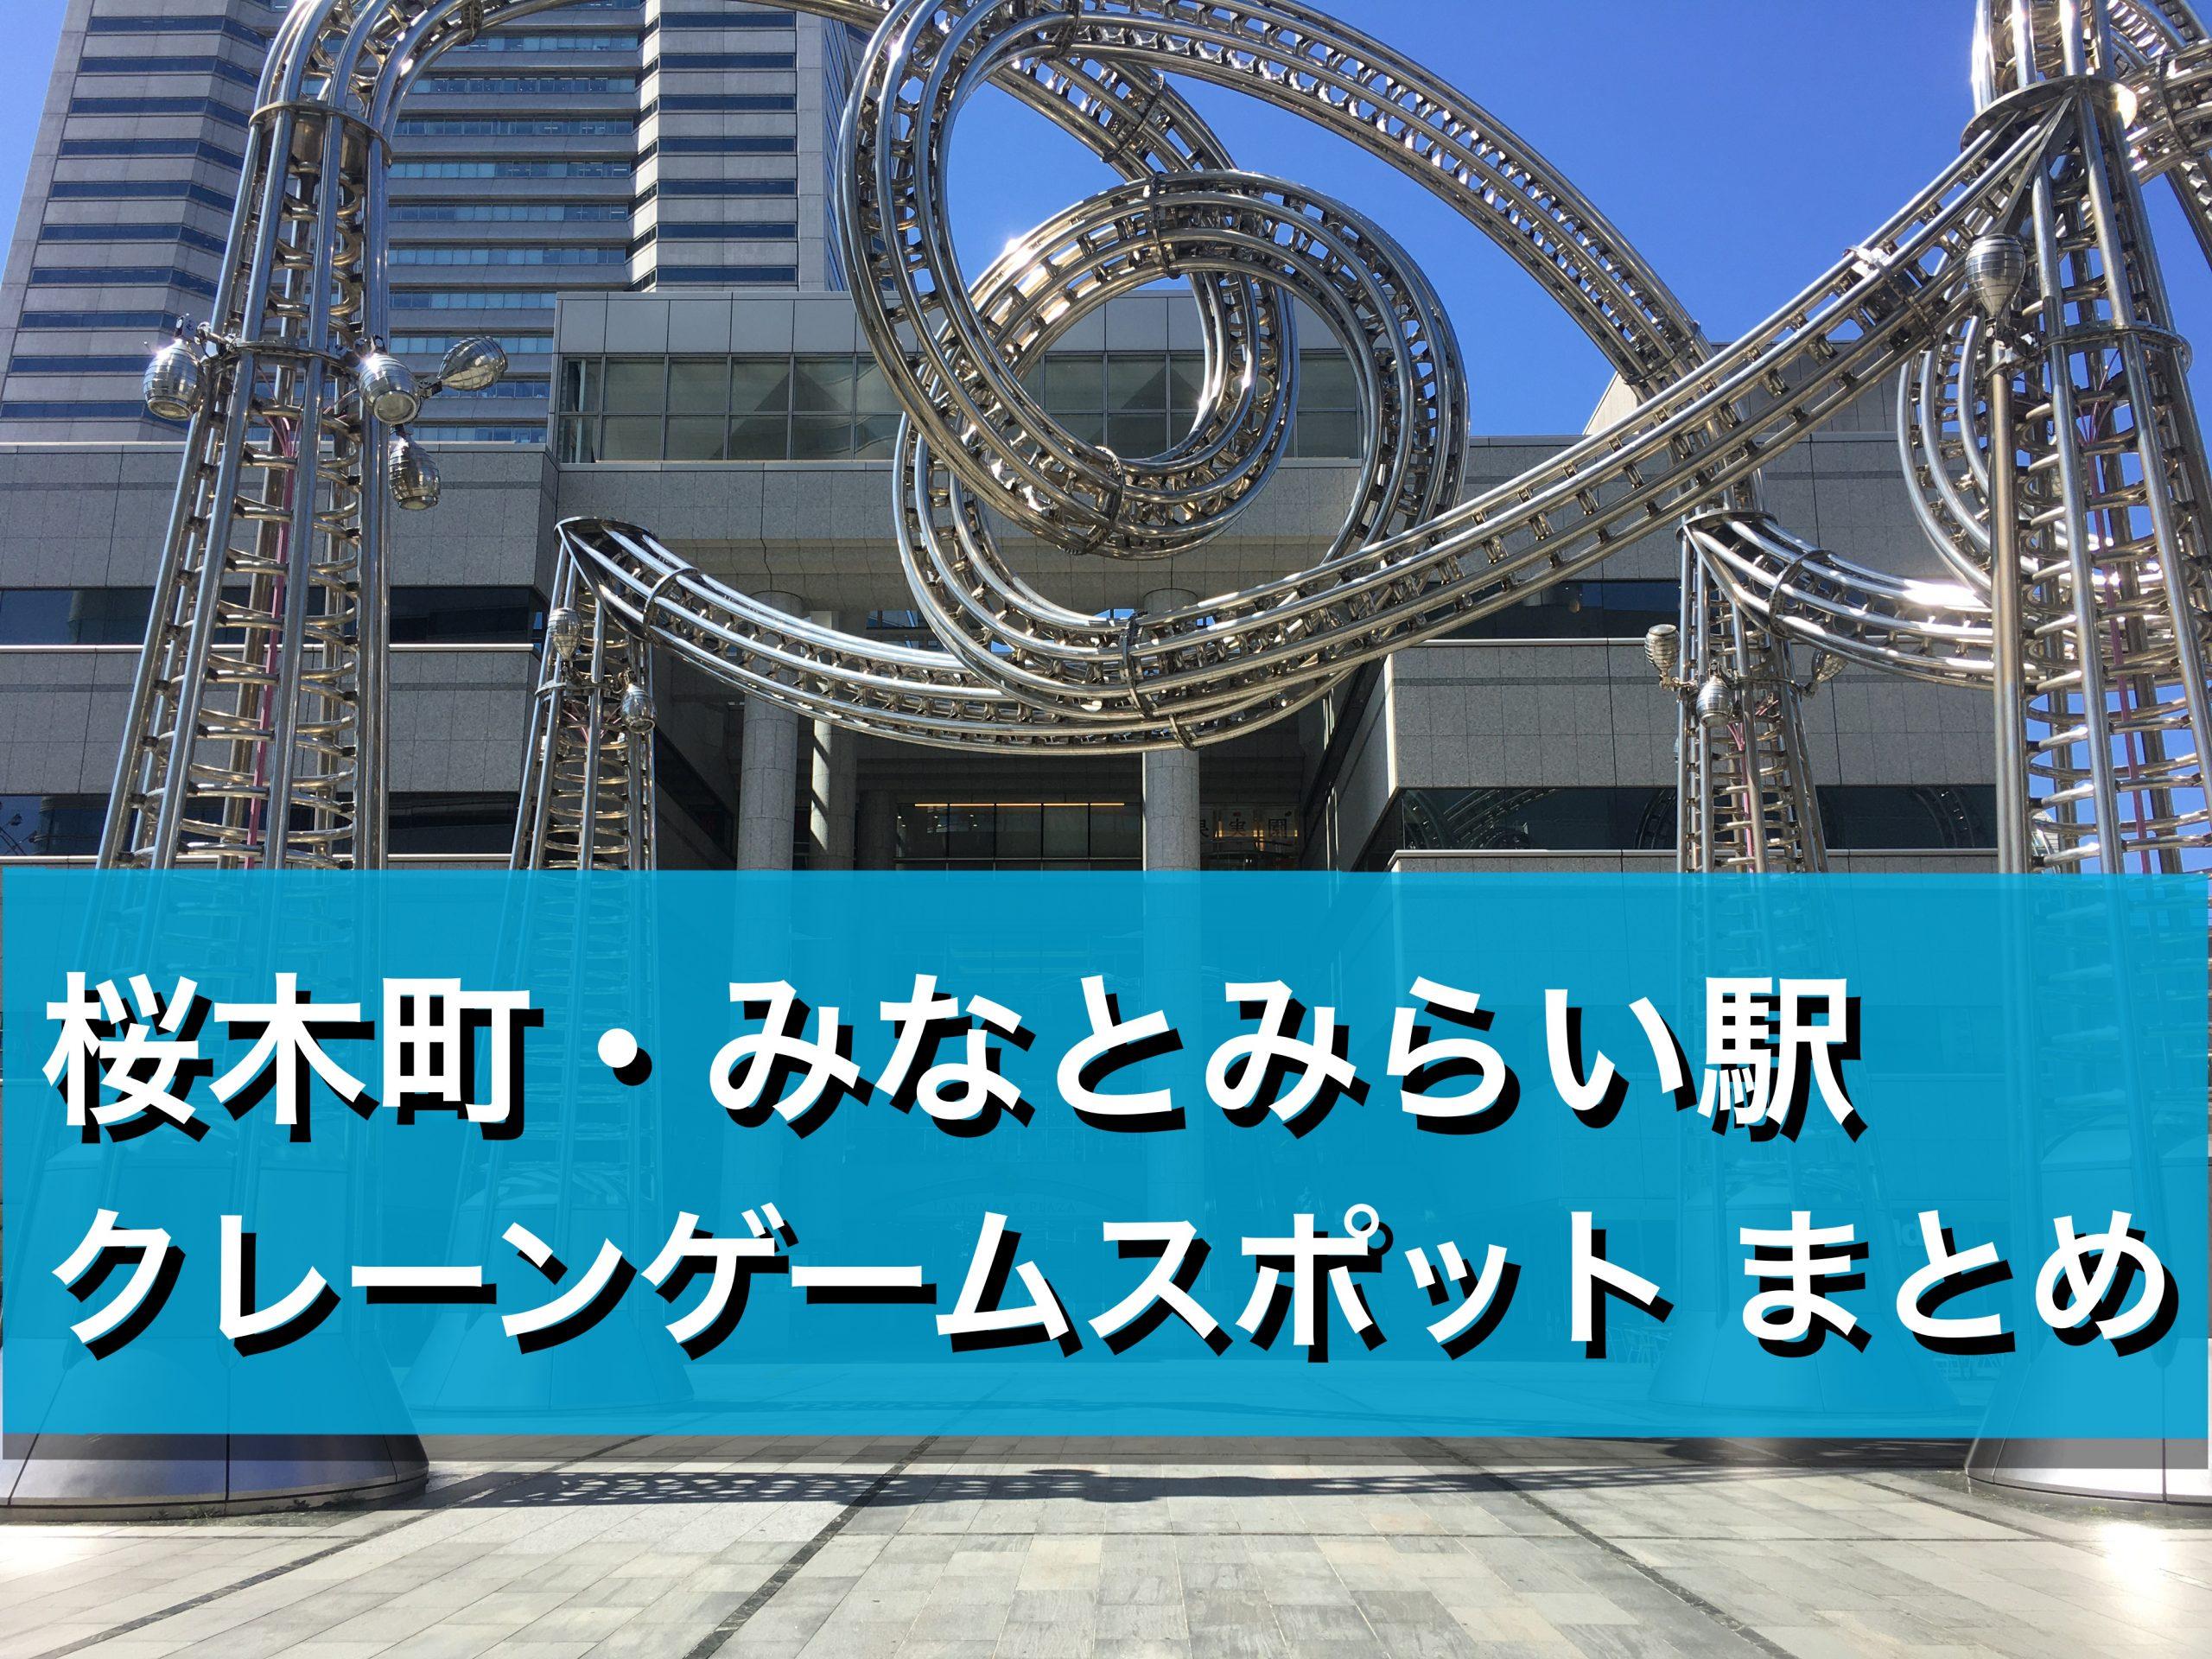 【桜木町駅・みなとみらい駅】クレーンゲームができる場所